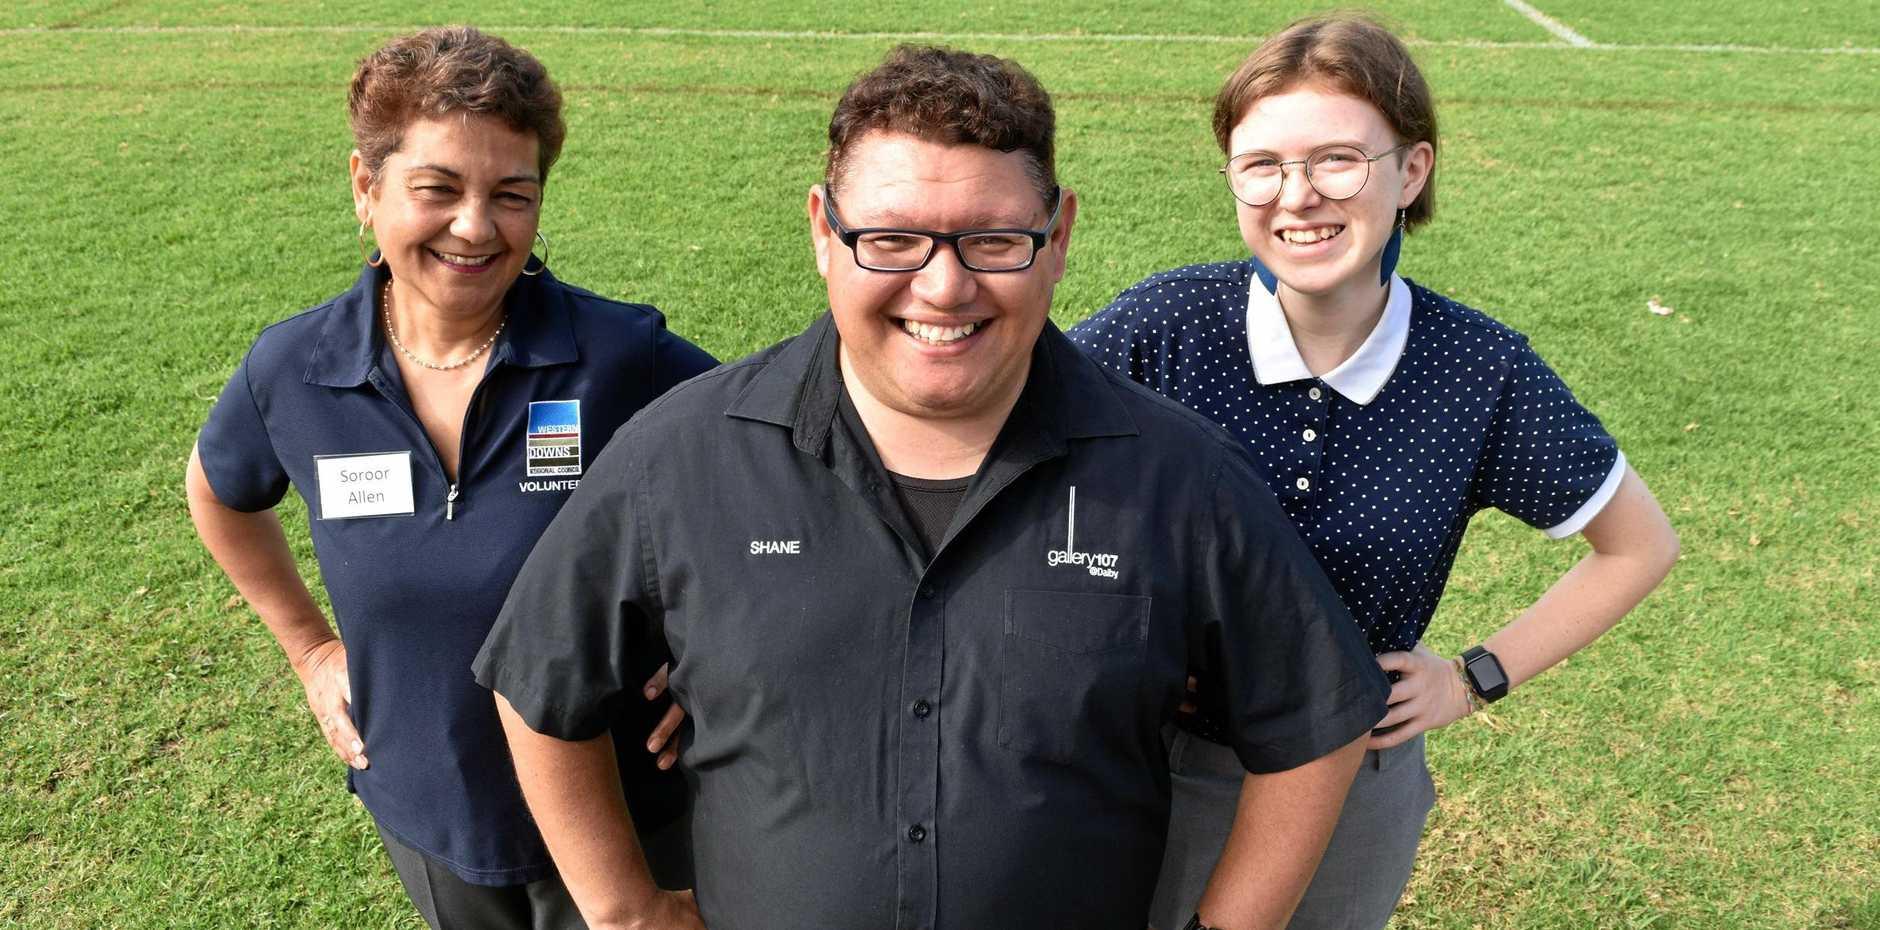 LOCAL HEROES: Volunteers spread community spirit in Western Downs.